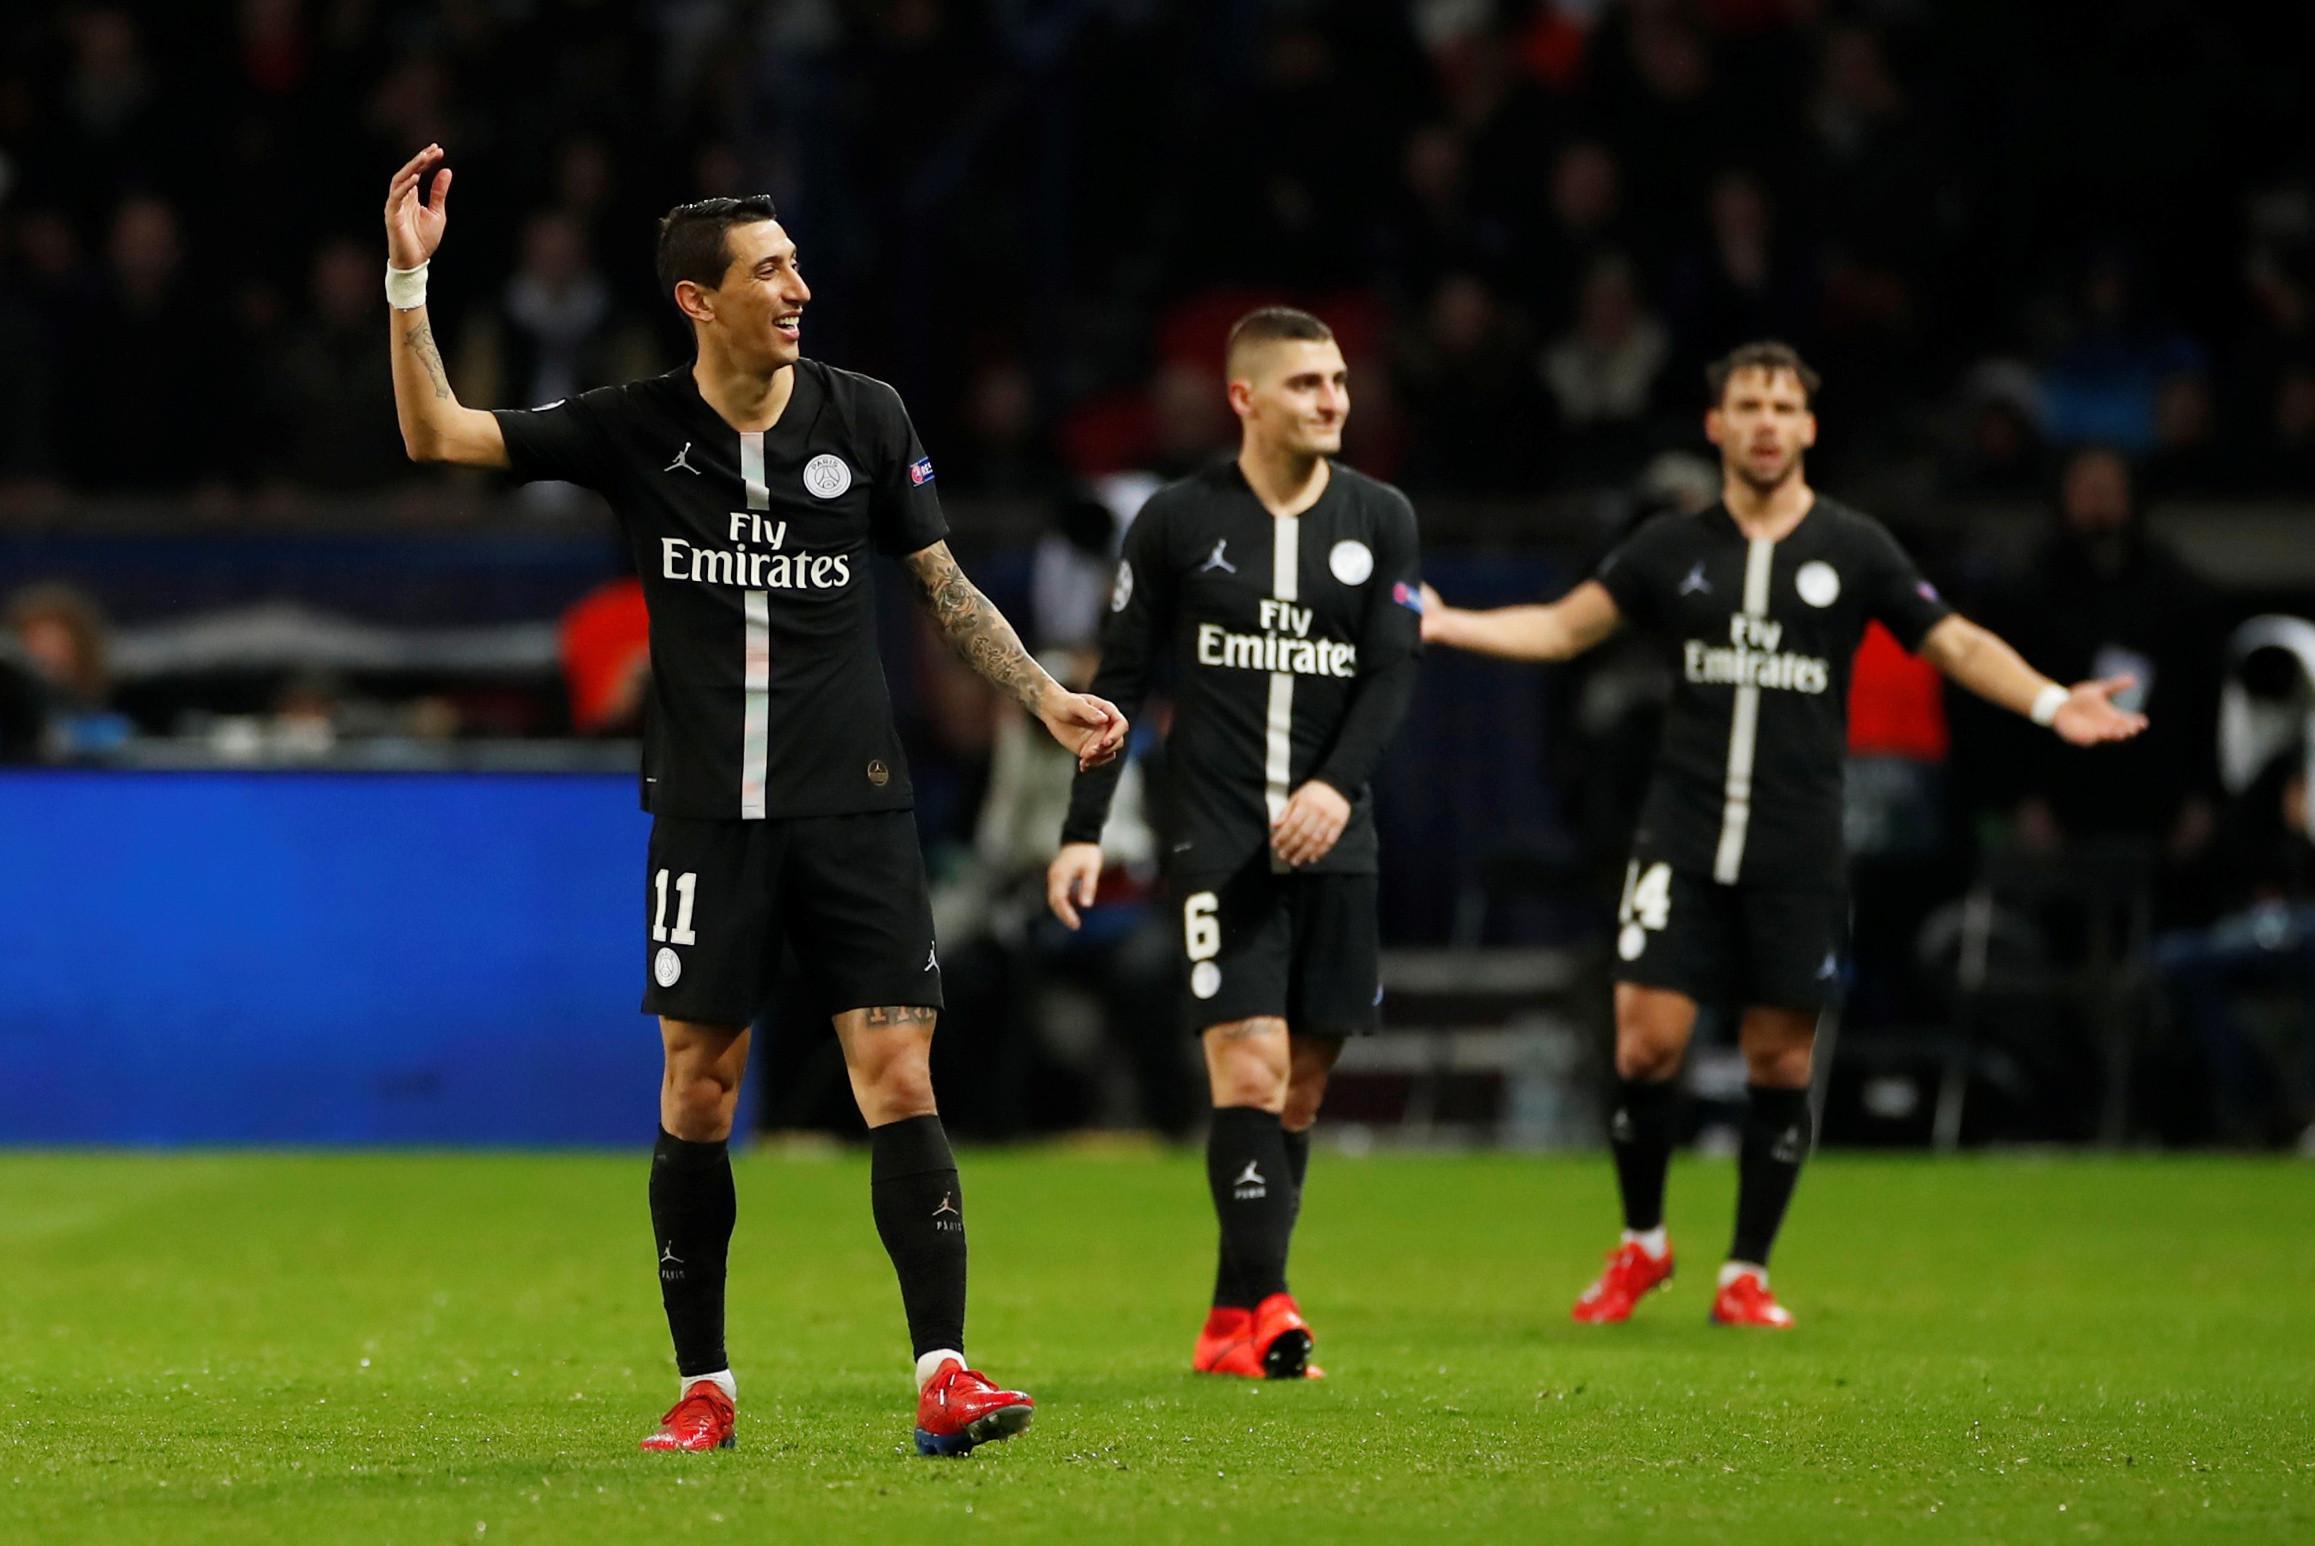 Lille empata e Paris Saint-Germain é campeão mesmo sem jogar